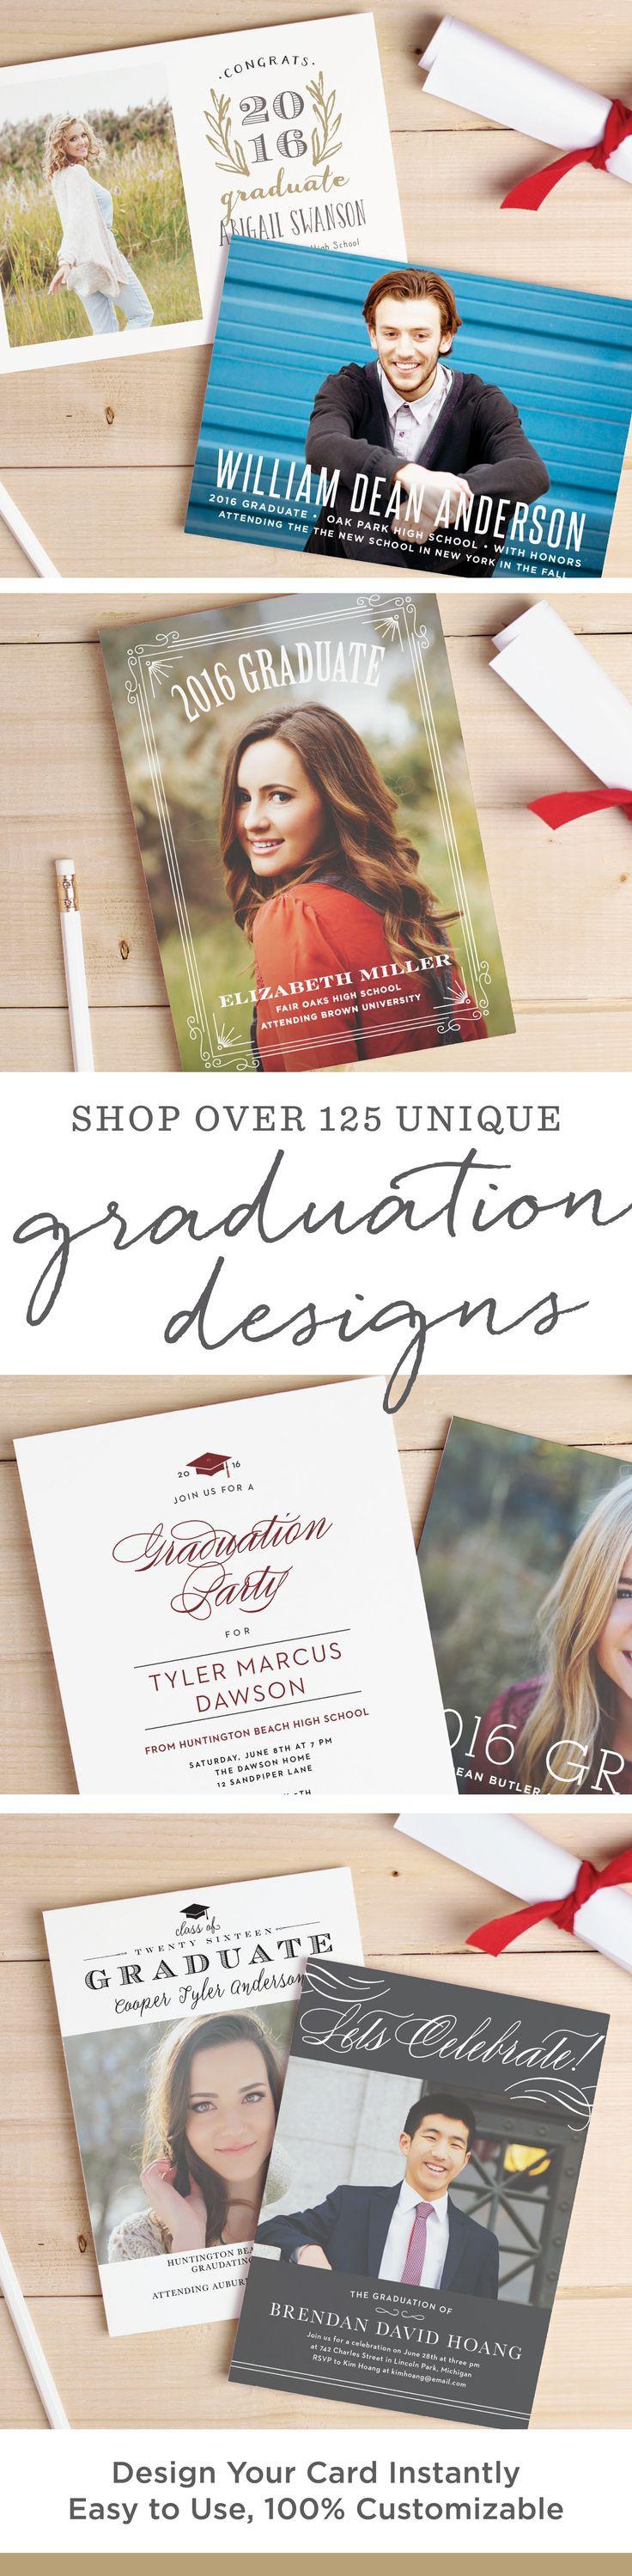 Best ideas about DIY Graduation Announcements . Save or Pin 46 best Printable DIY Graduation Announcements Templates Now.